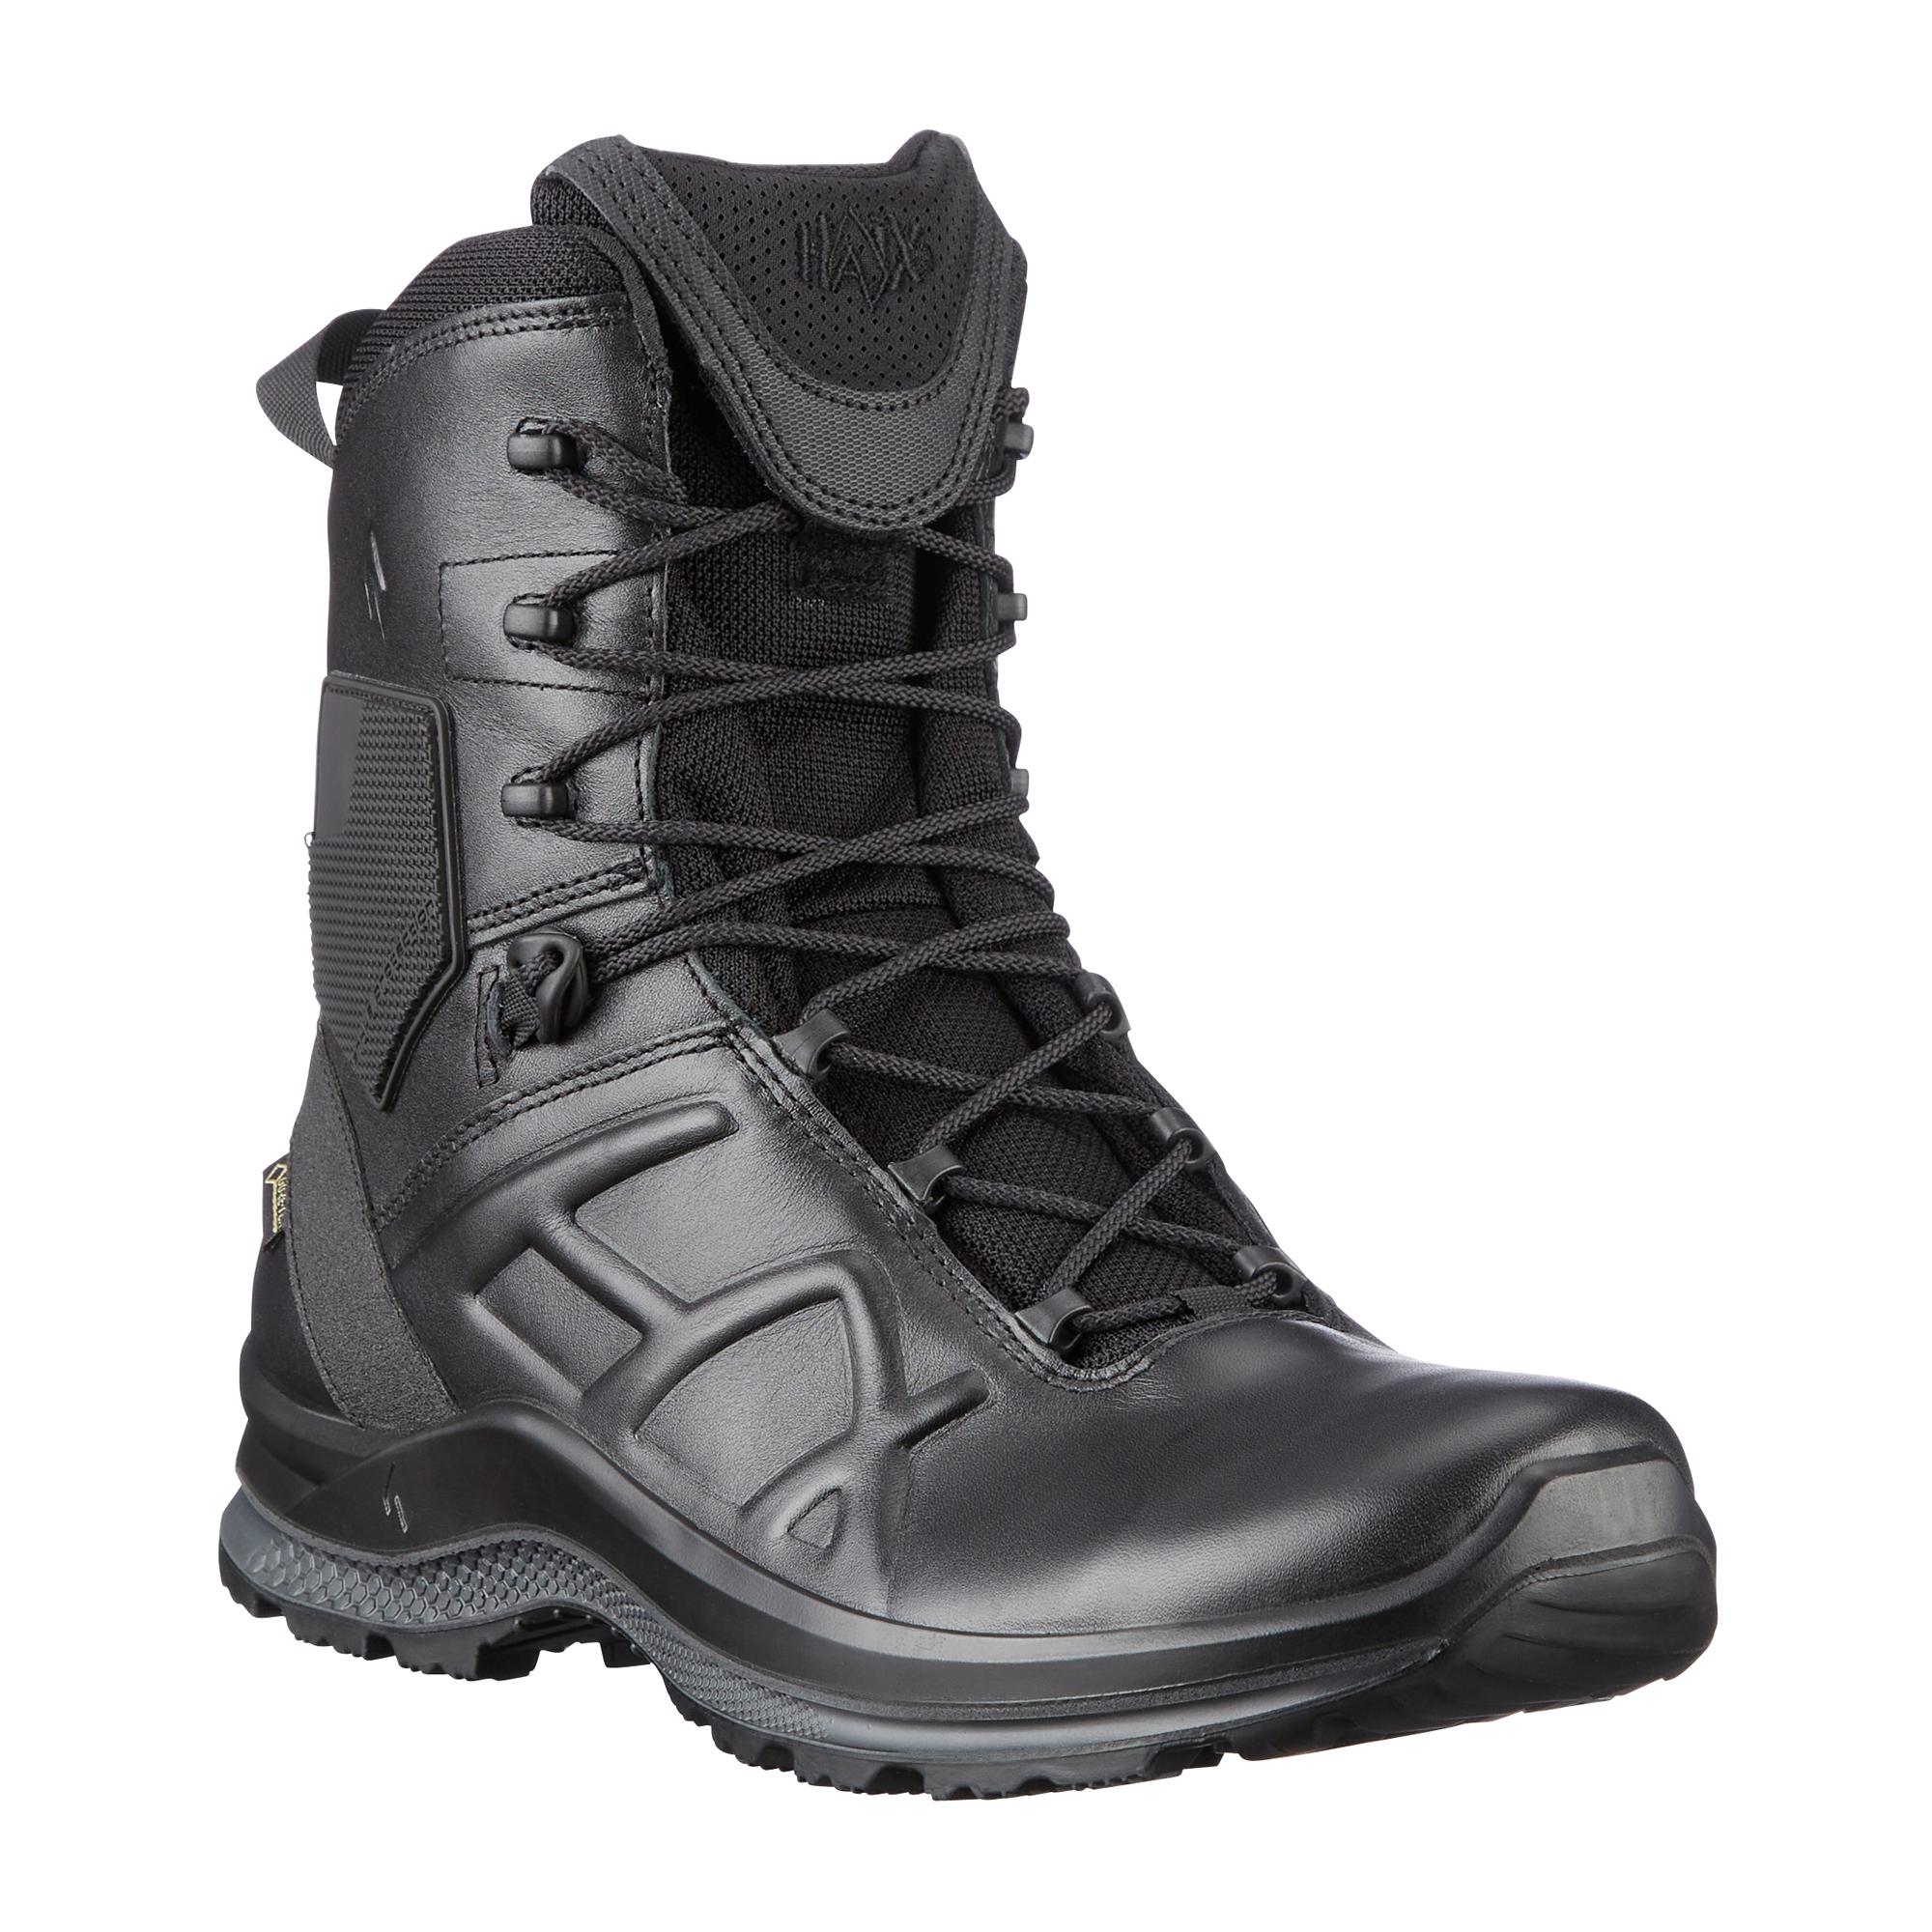 Comprar botas de montaña holandesas Meindl negras usadas en ASMC